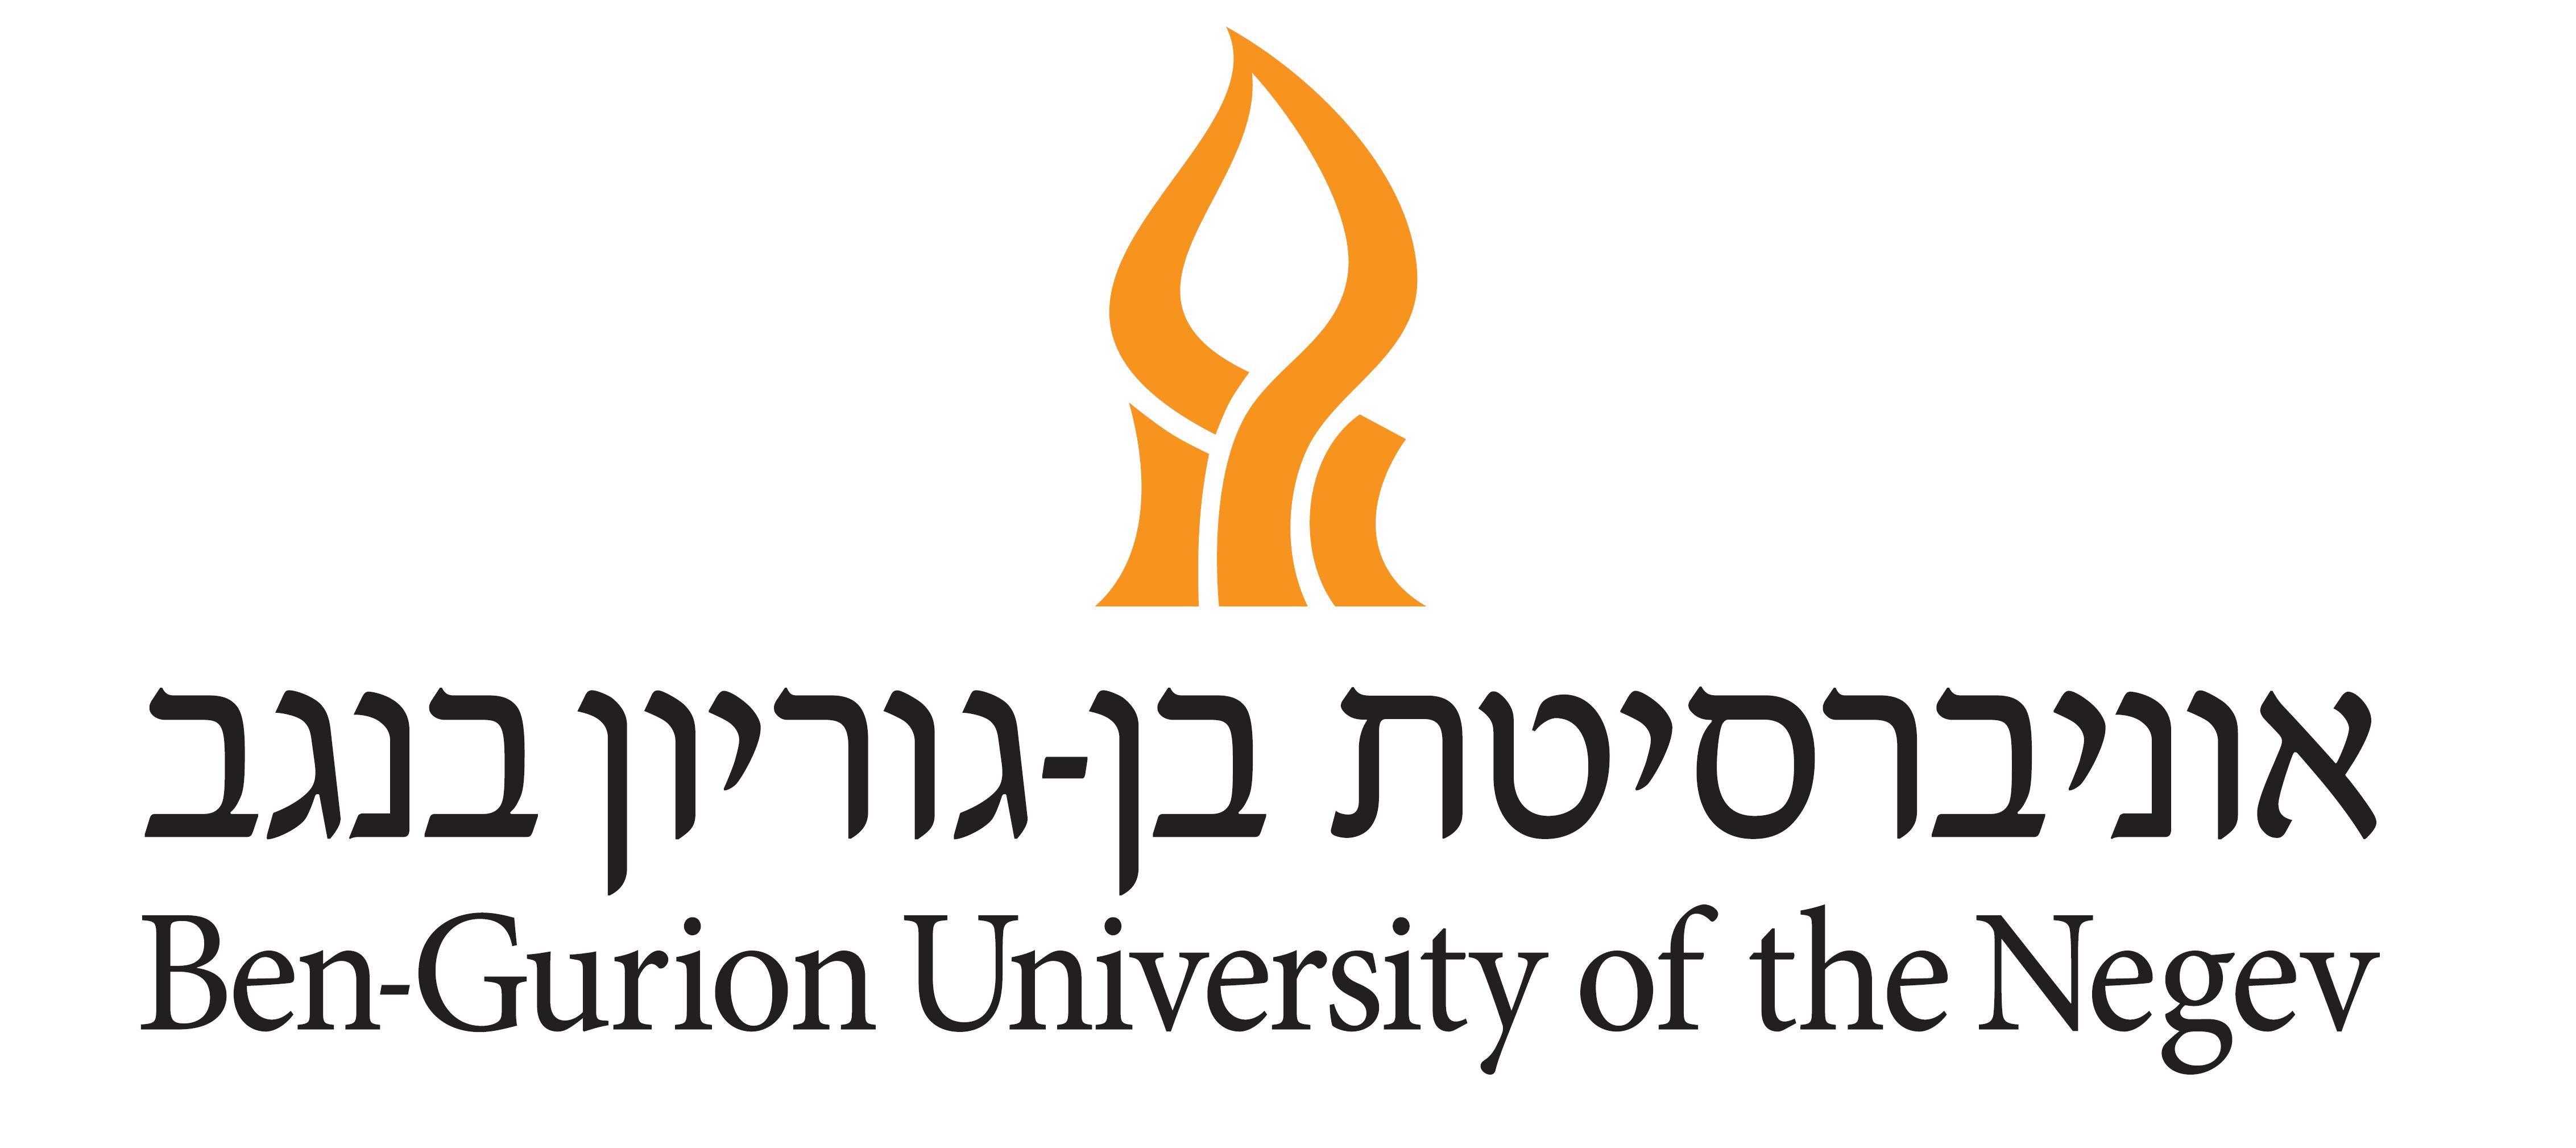 להבים המרכז לביטוח קולקטיבי - ביטוח הבריאות מנהלי טכני אוניברסיטת בן גוריון